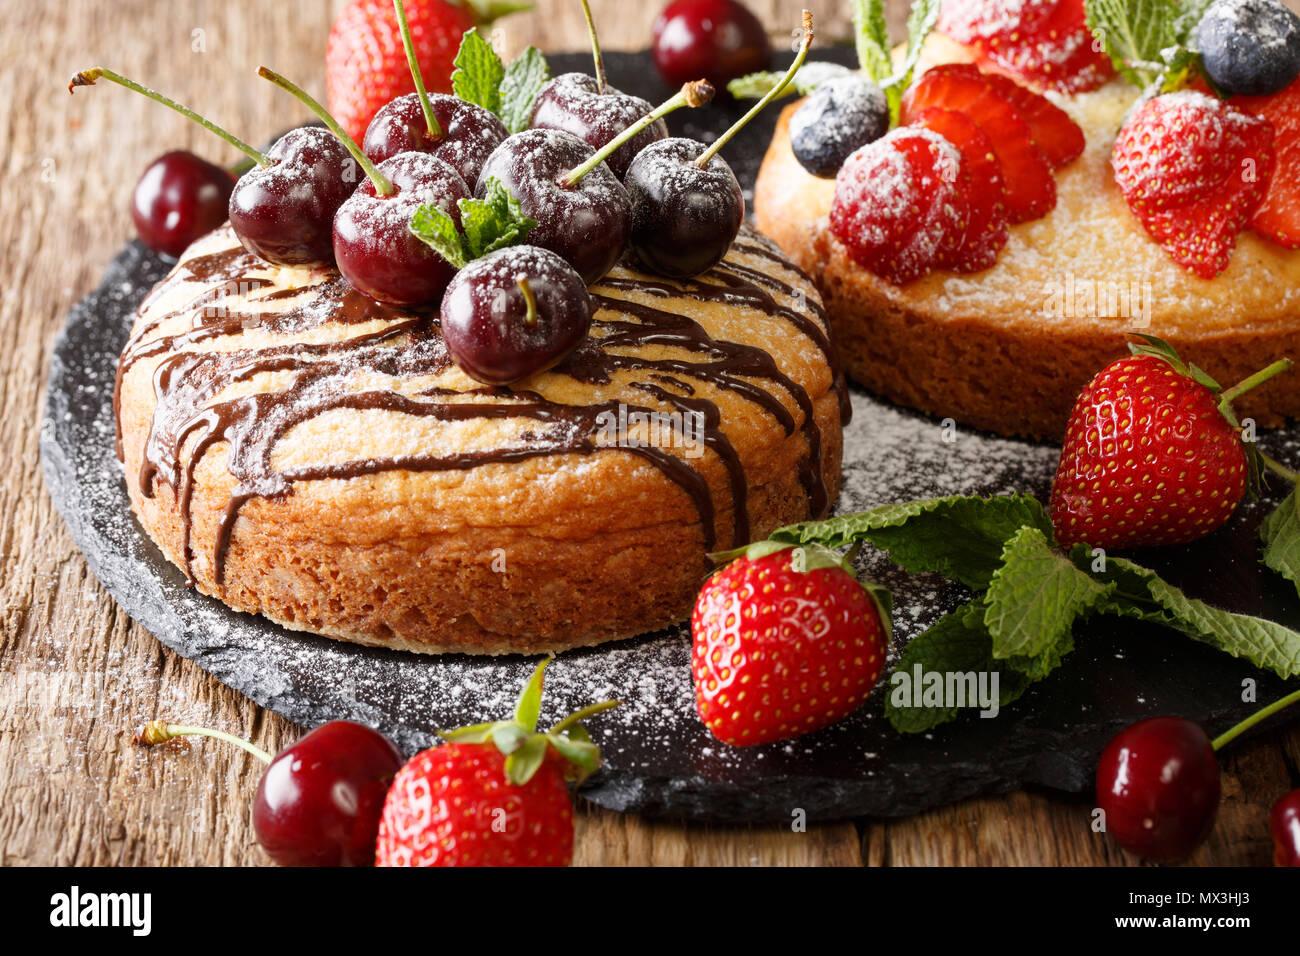 Dessert Kuchen mit Schokolade, Minze, Erdbeeren, Kirschen und Heidelbeeren close-up auf dem Tisch. Horizontale Stockfoto